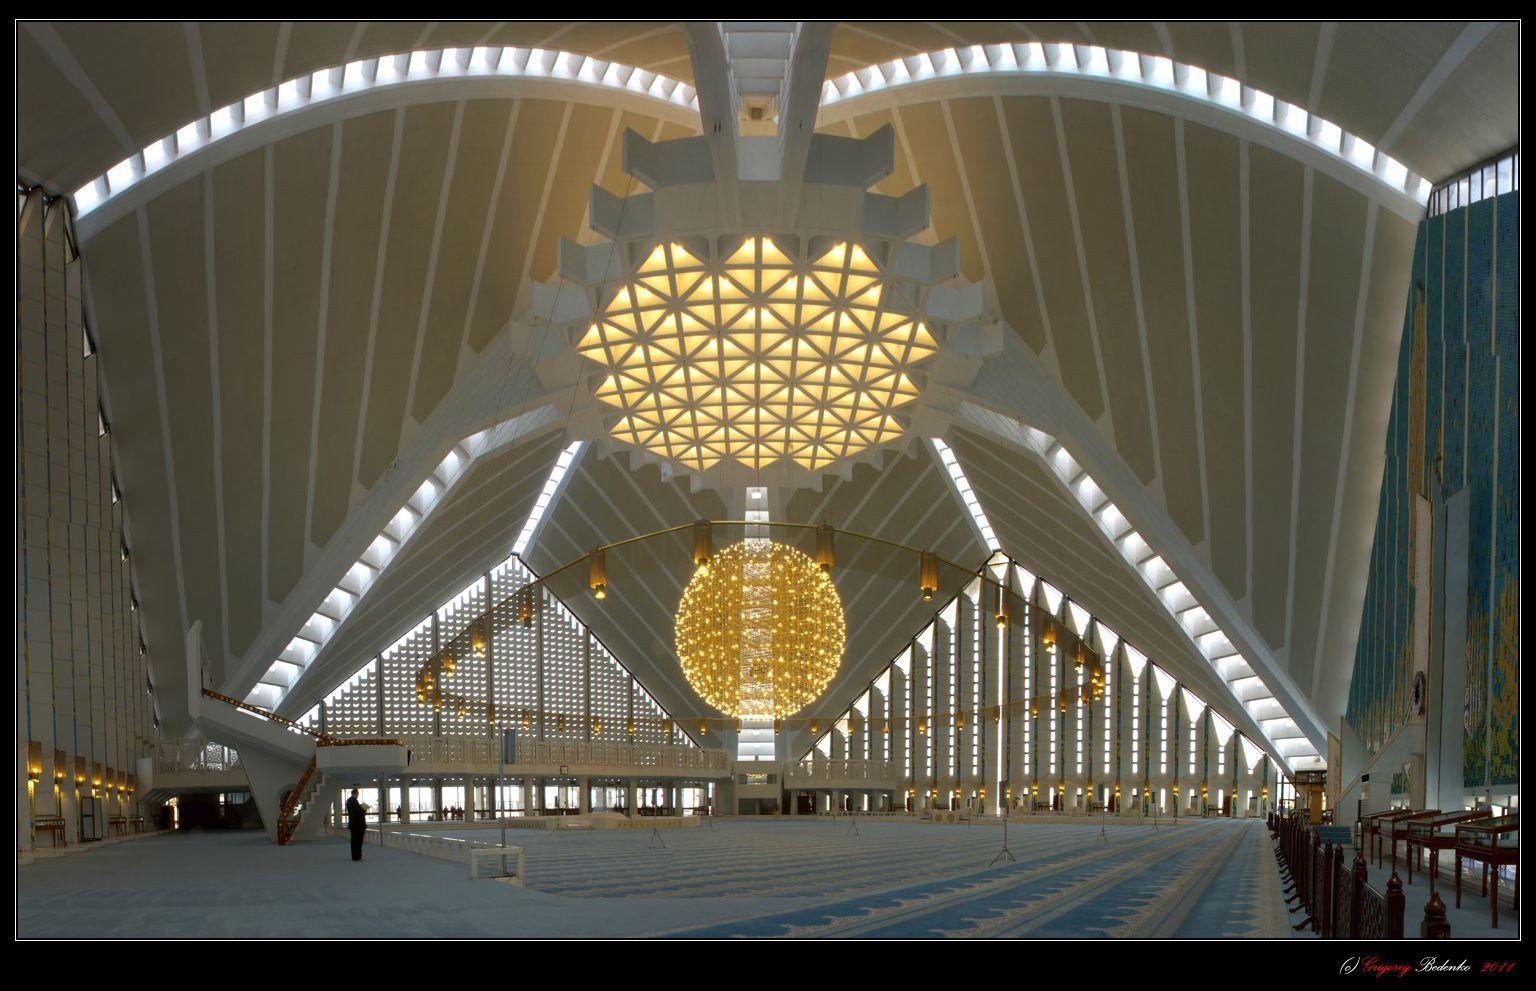 Исламабад. Мечеть Файсал (внутренний интерьер) – самое необыкновенное, на мой взгляд, сооружение в Пакистане.